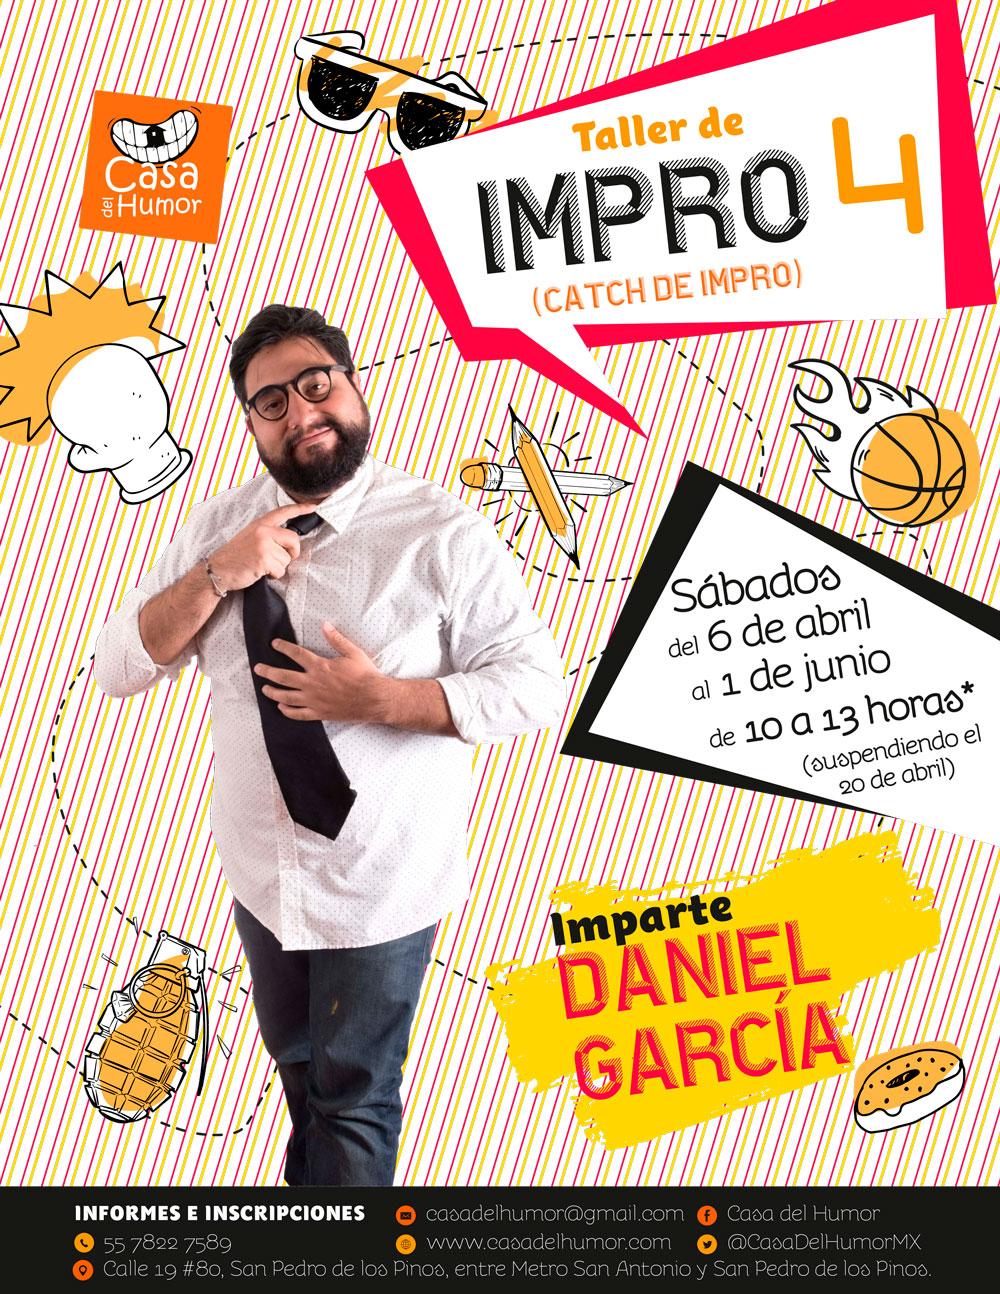 afiche_impro4 (1)